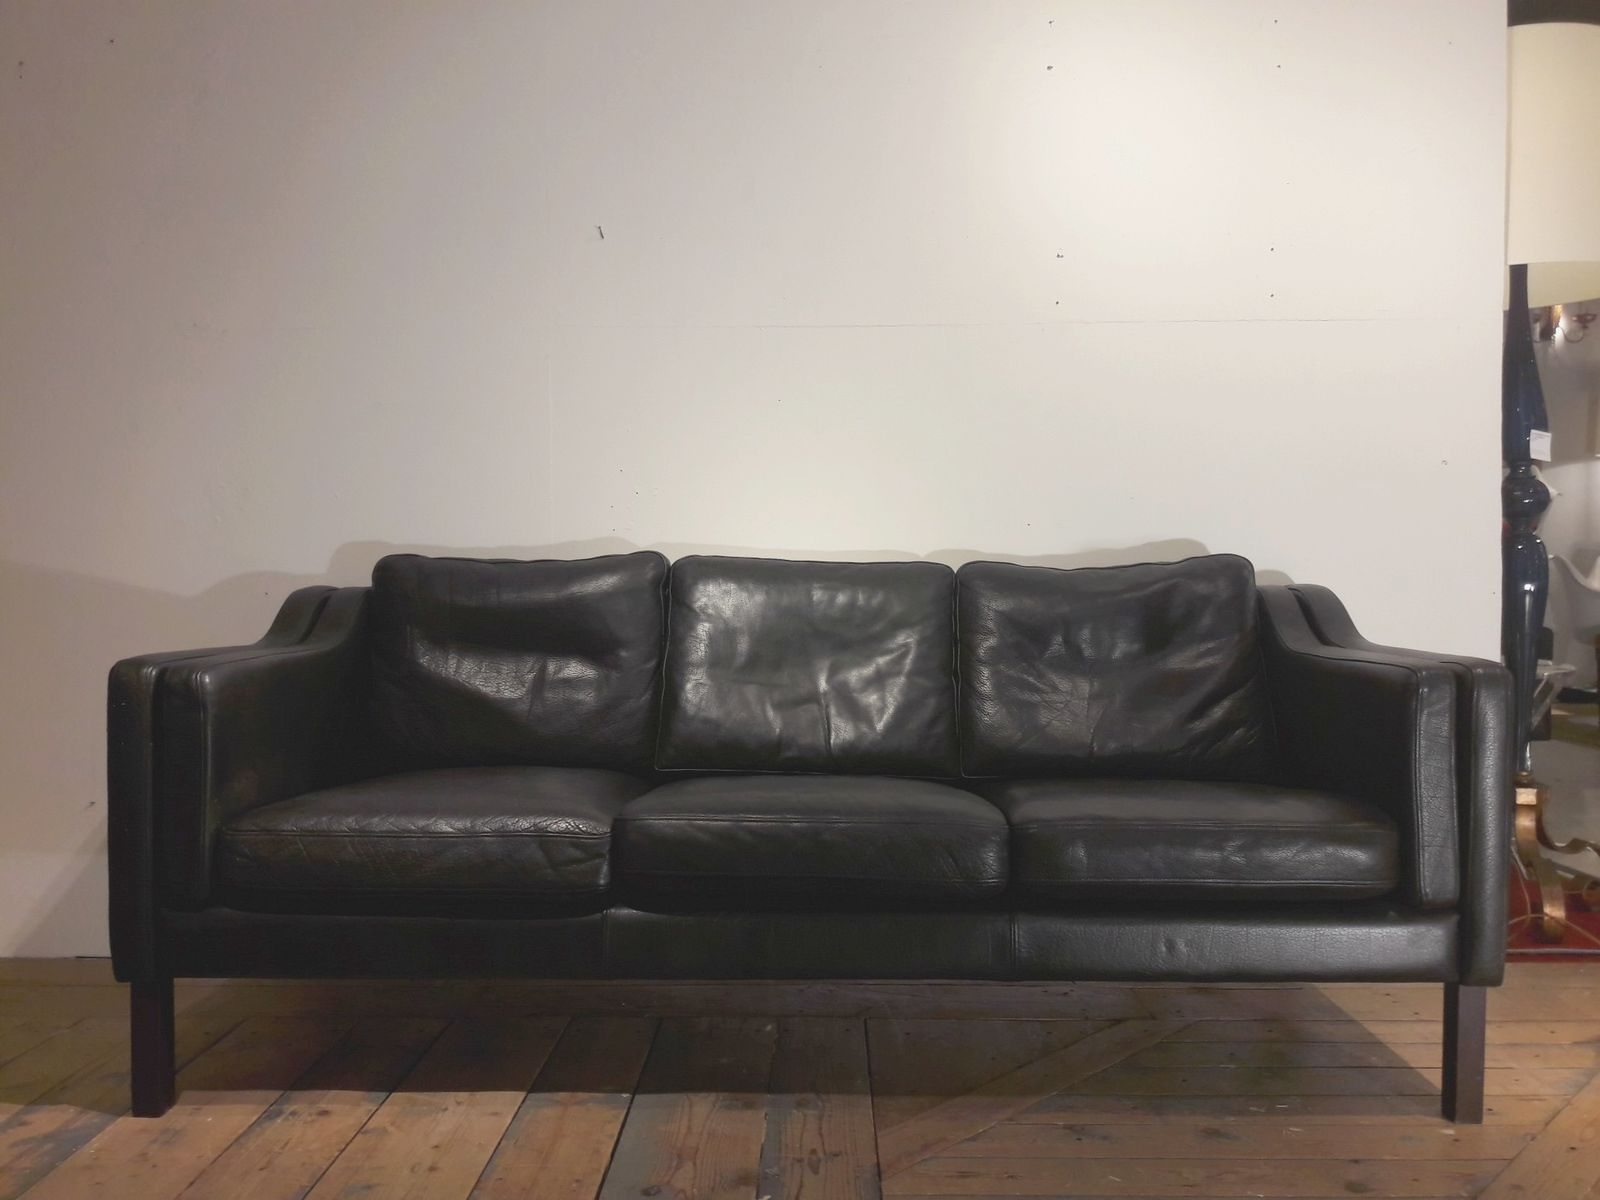 schwarzes skandinavisches vintage 3 sitzer ledersofa bei pamono kaufen. Black Bedroom Furniture Sets. Home Design Ideas